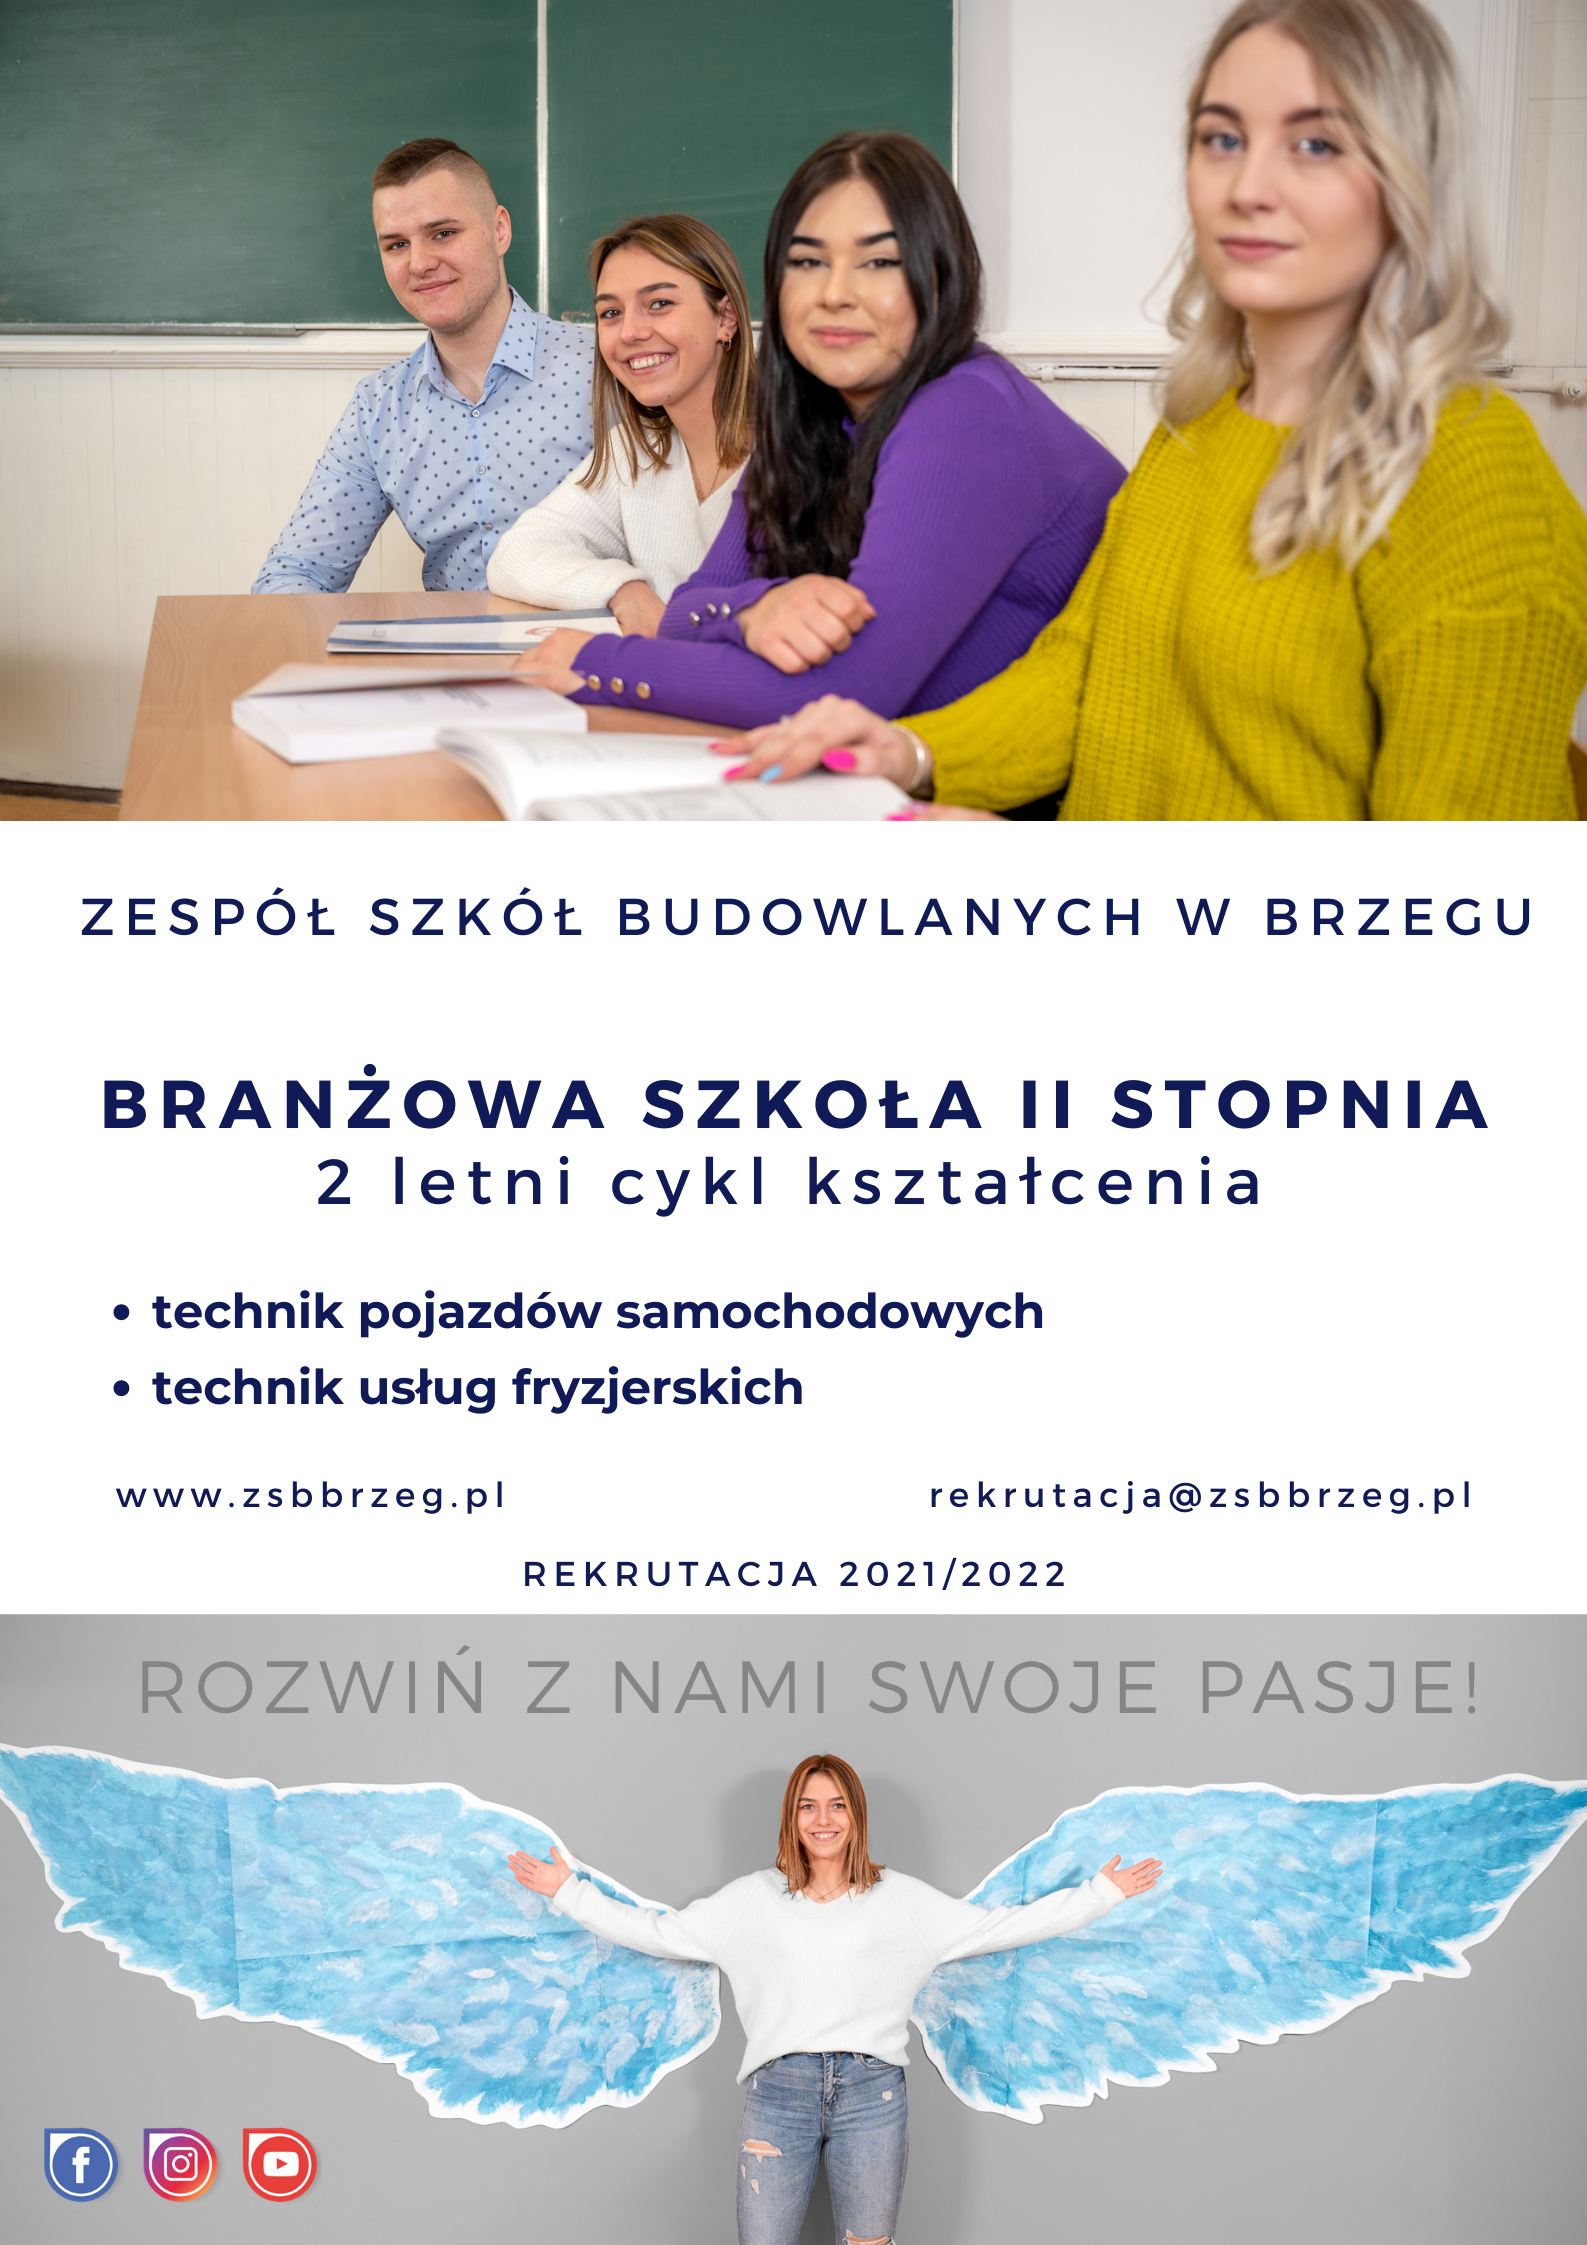 ZESPÓŁ SZKÓŁ BUDOWLANYCH (2).png